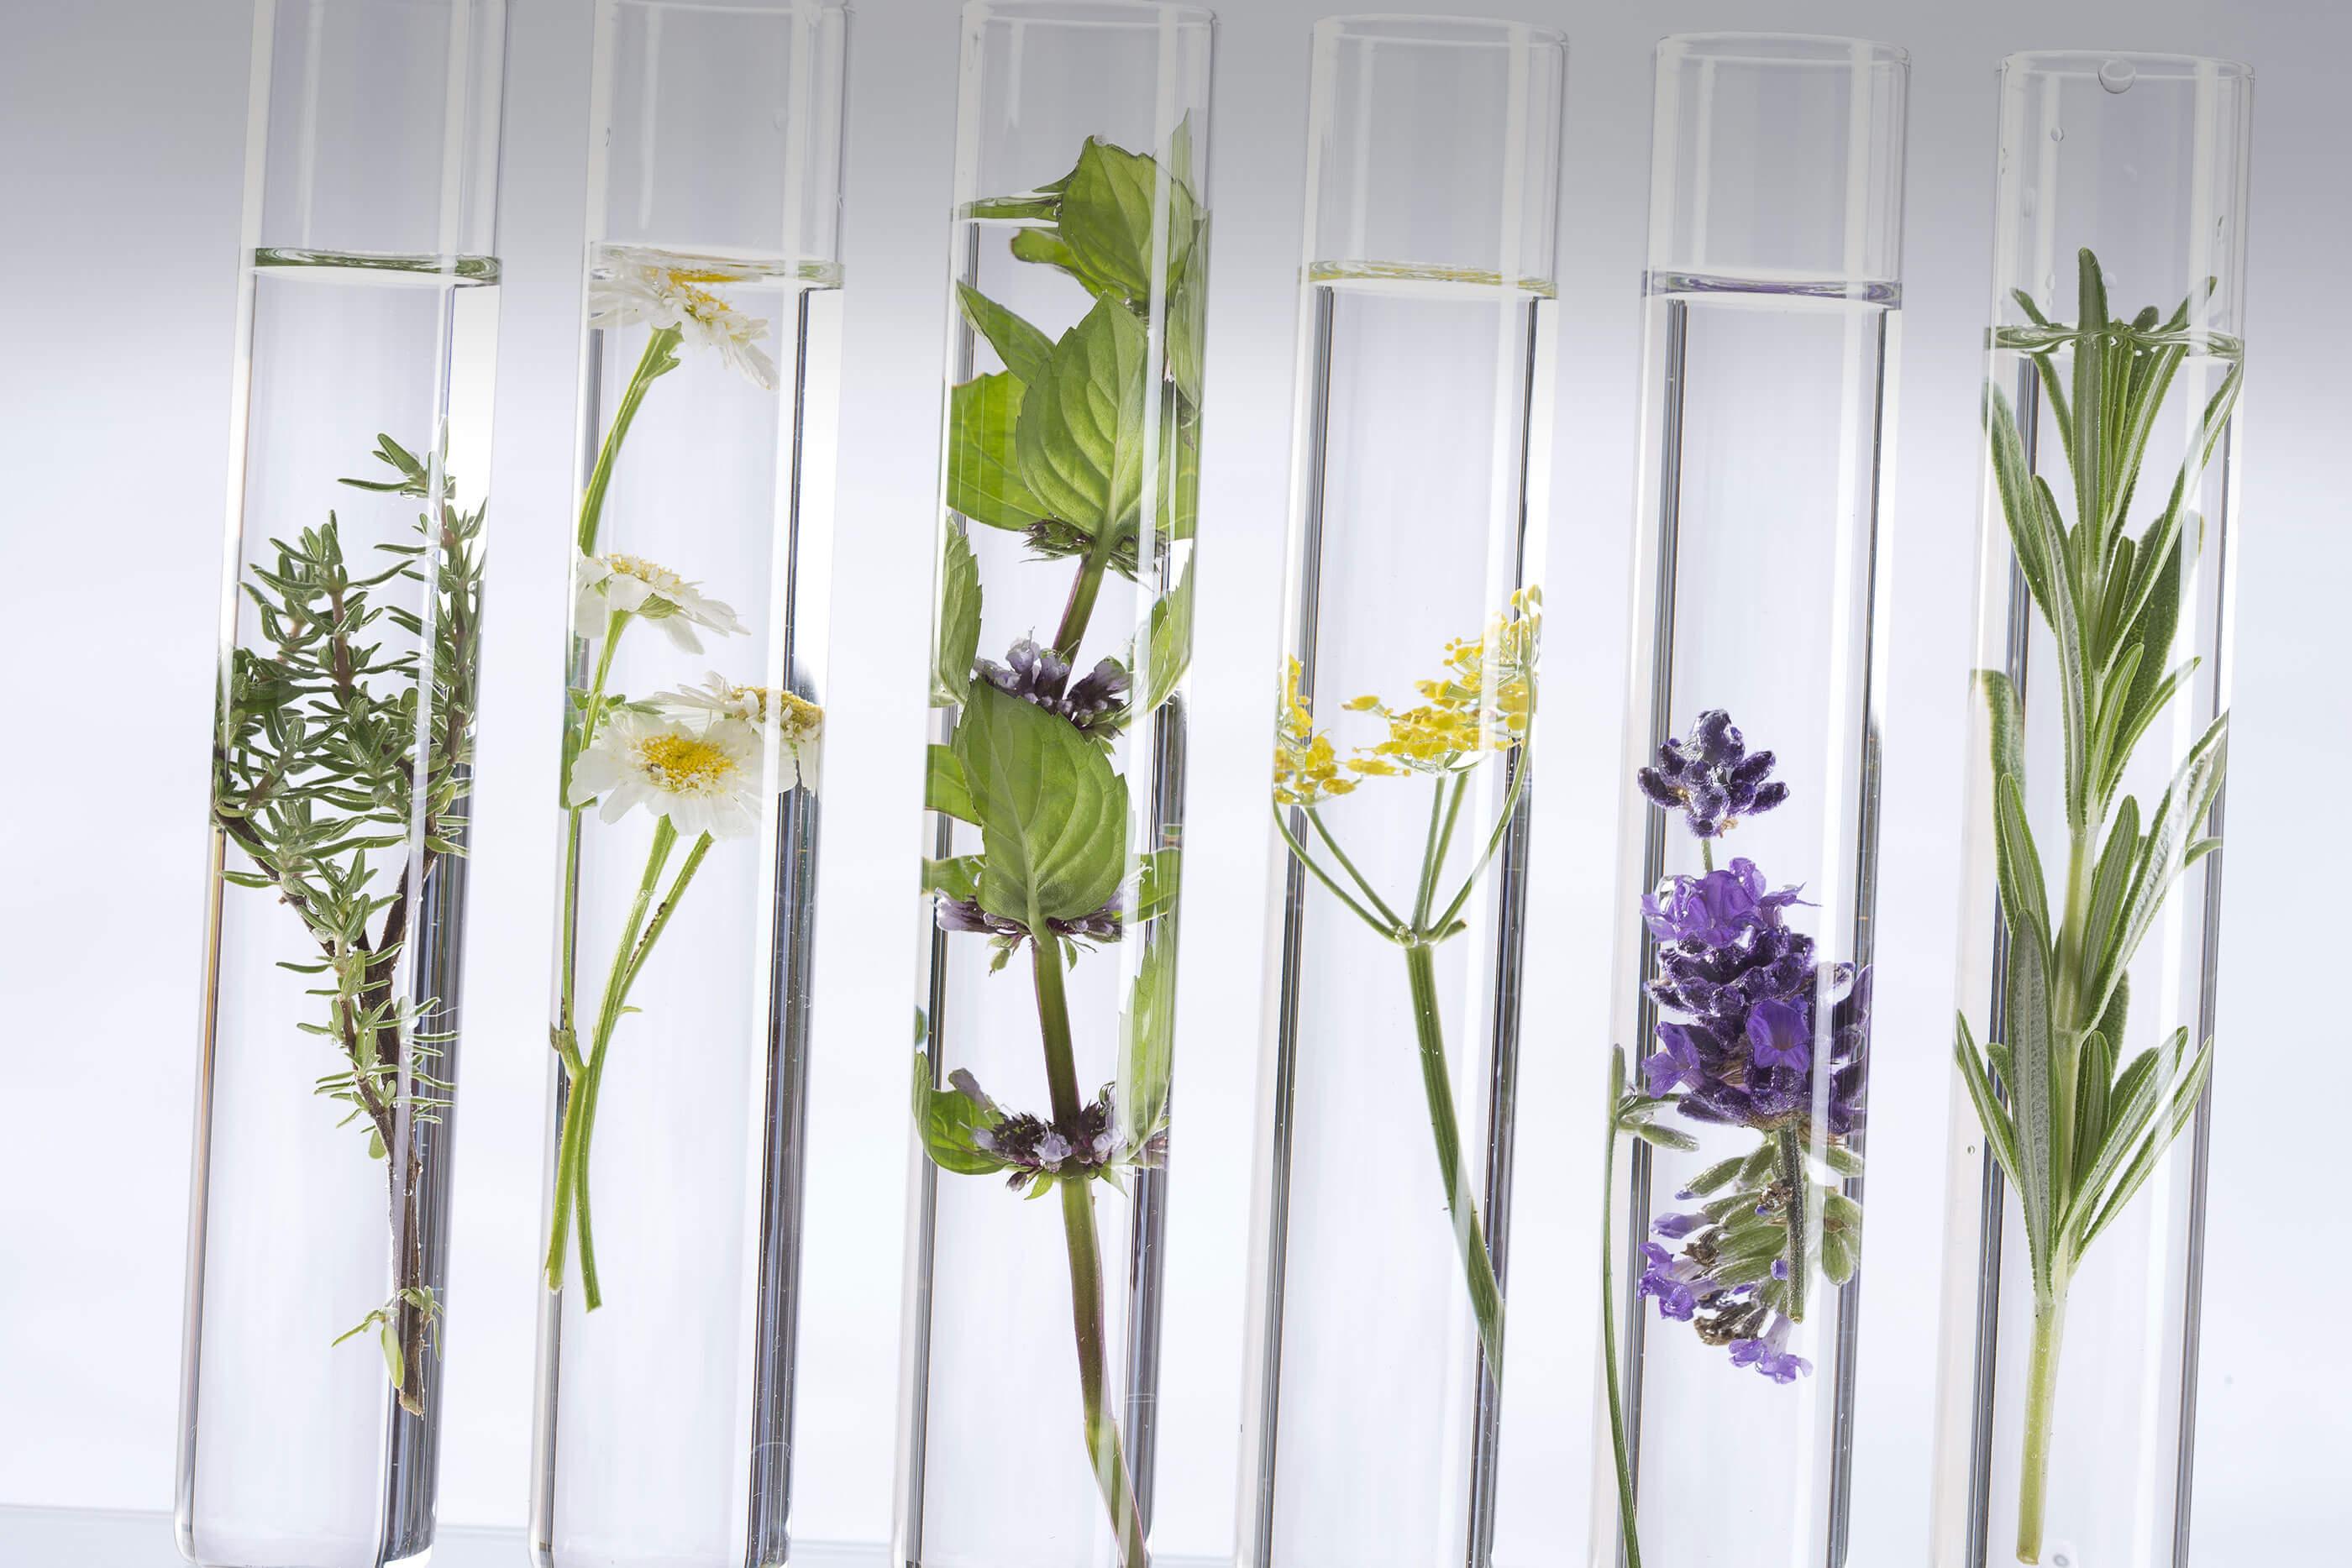 ruth-fischer-heilpflanzen-apomedica